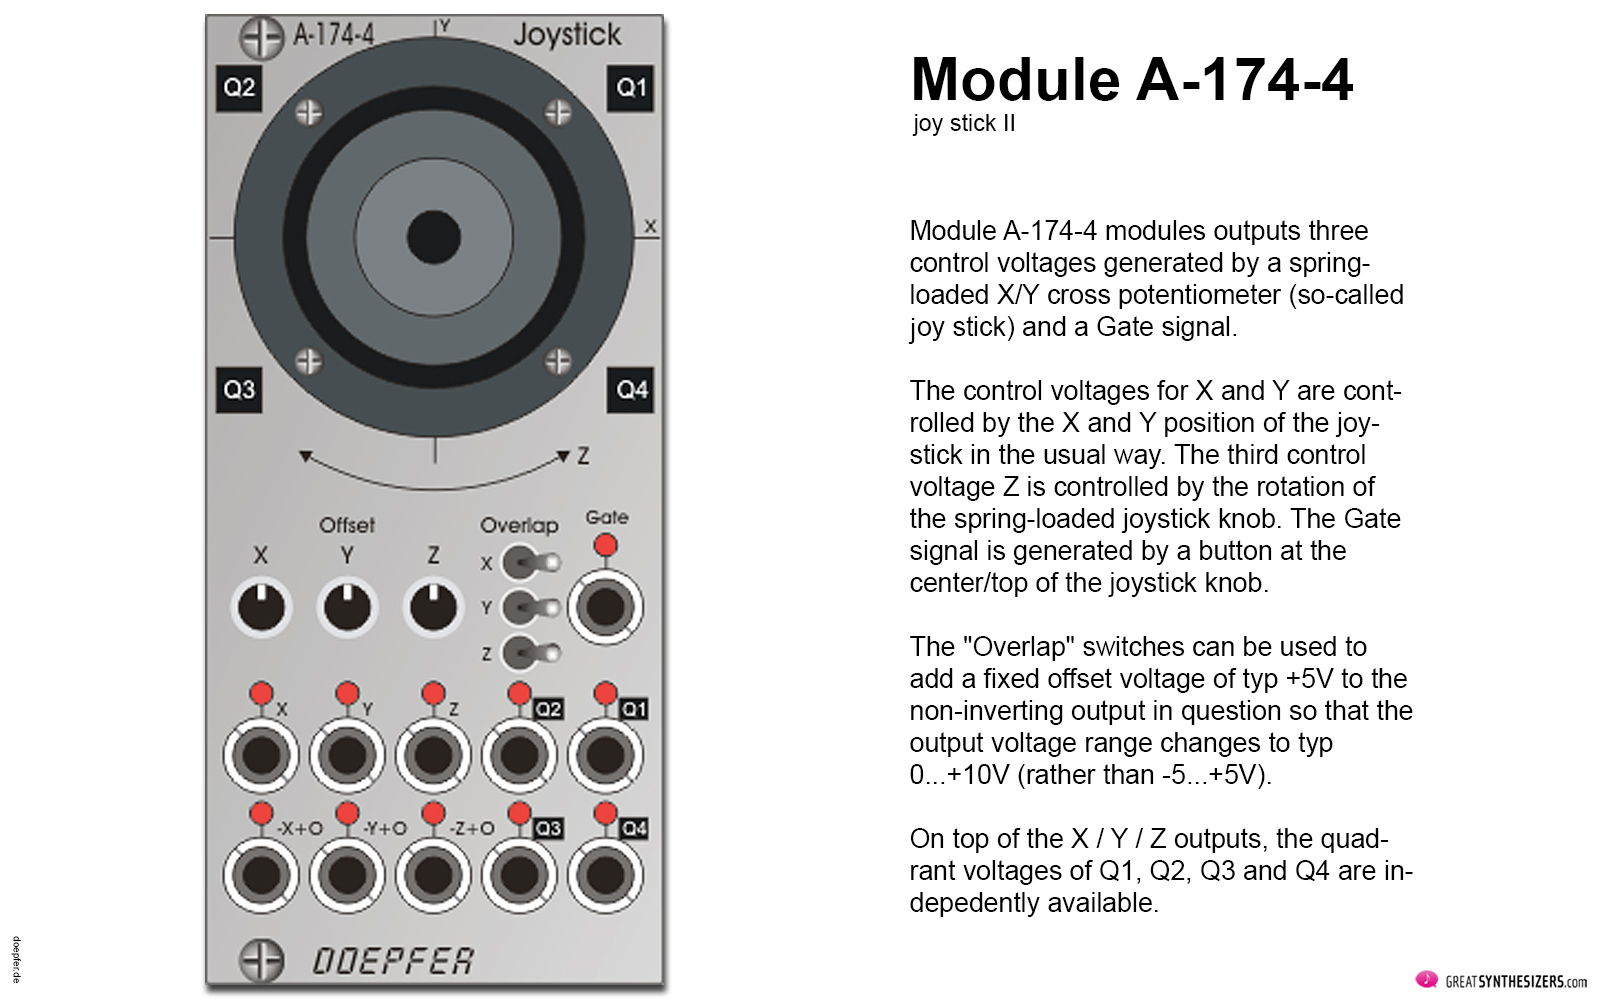 Doepfer, A-100, Module 2020, A-174-4, Joystick II, X Y Z